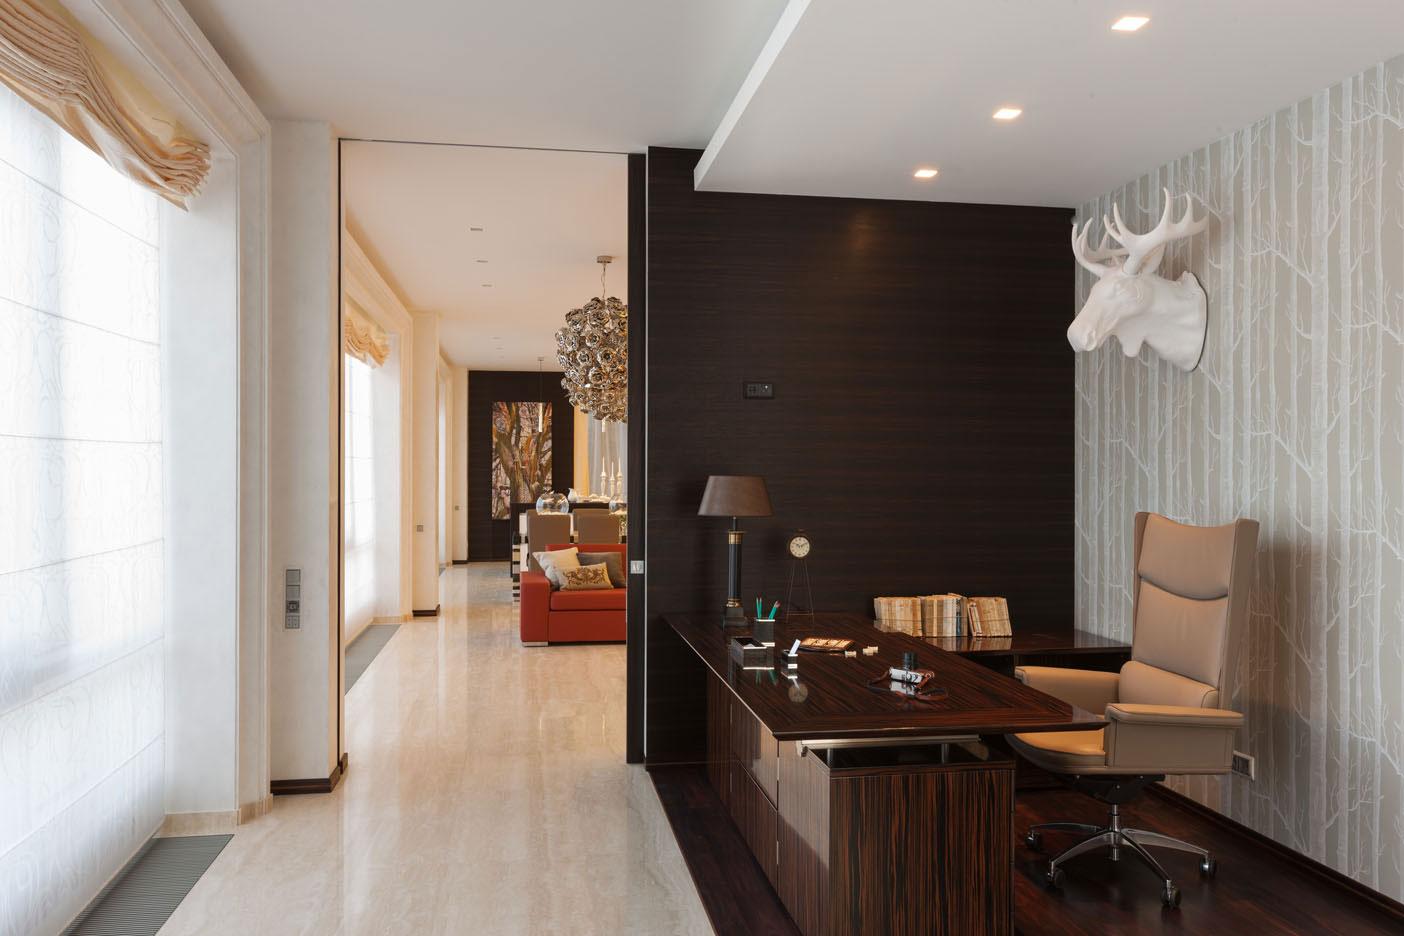 Дизайн интерьера квартиры 289 кв.м.